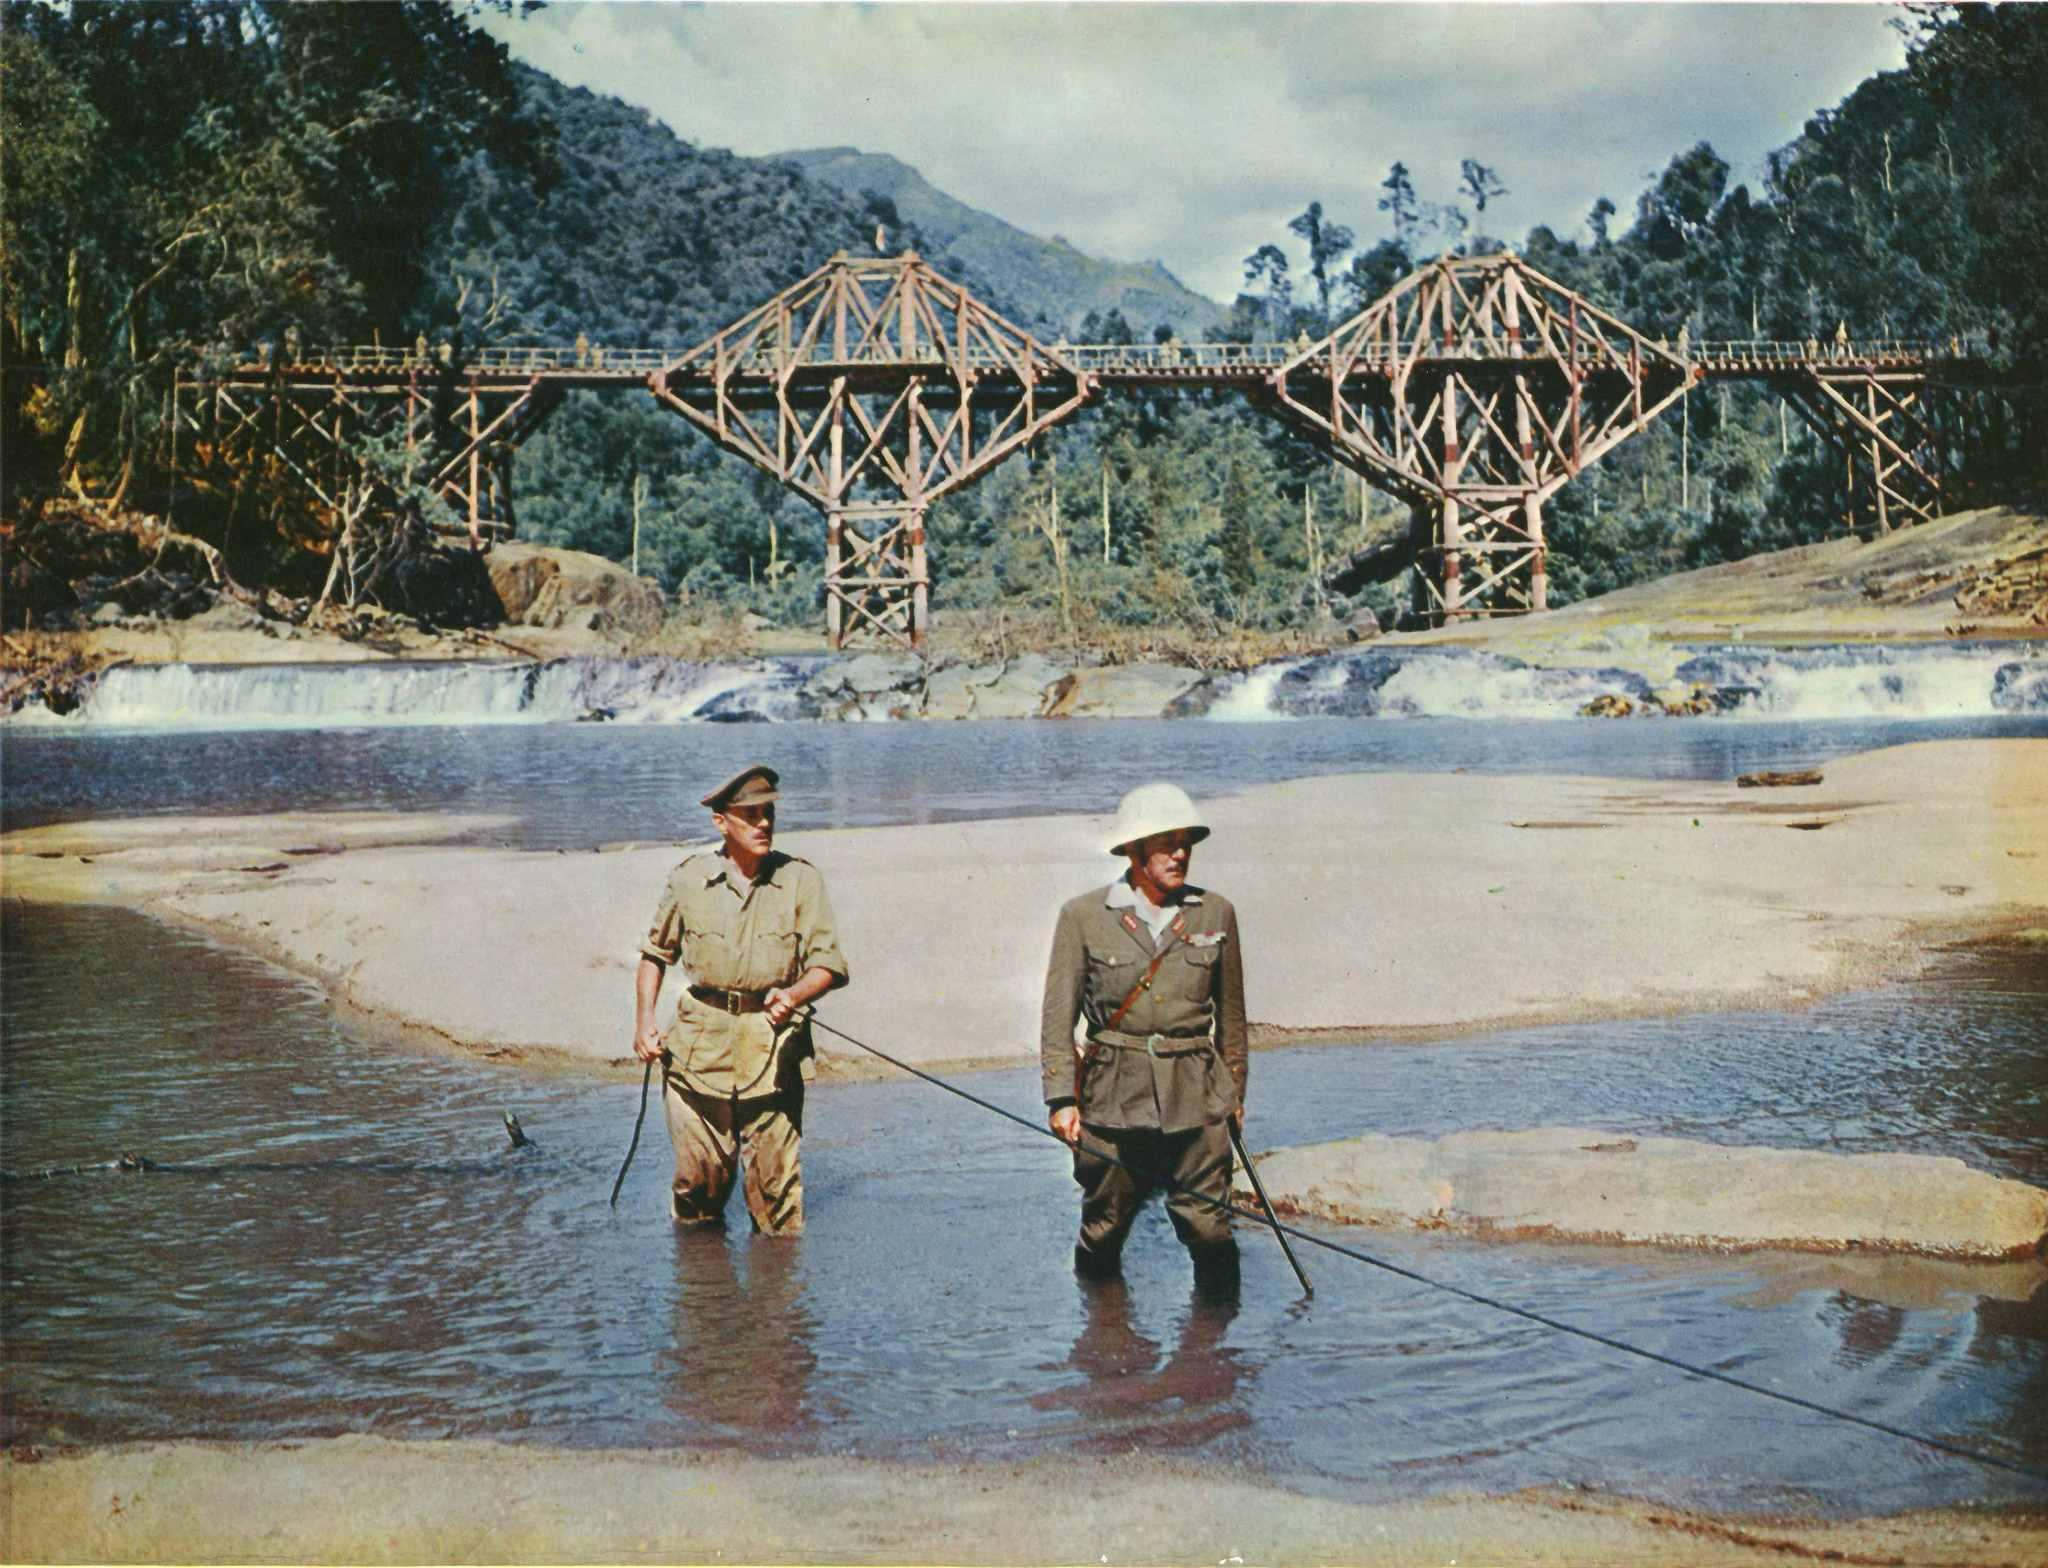 Le-pont-sur-la-rivie%CC%80re-Kwai%CC%88